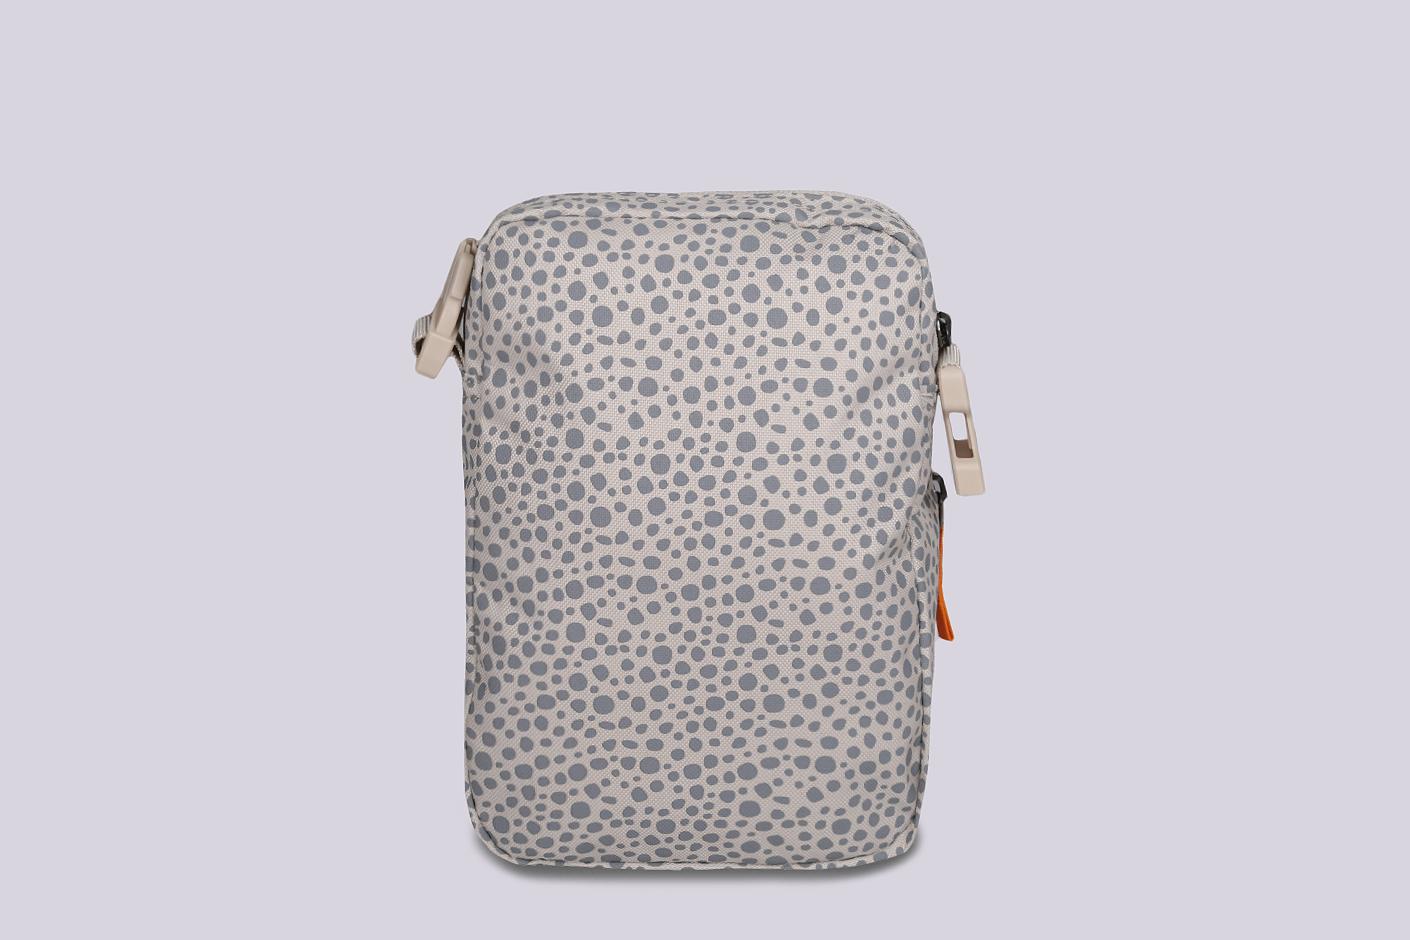 6b8105f13b41 Желтая сумка через плечо Heritage LeBron от Nike (CJ8662-202) по ...